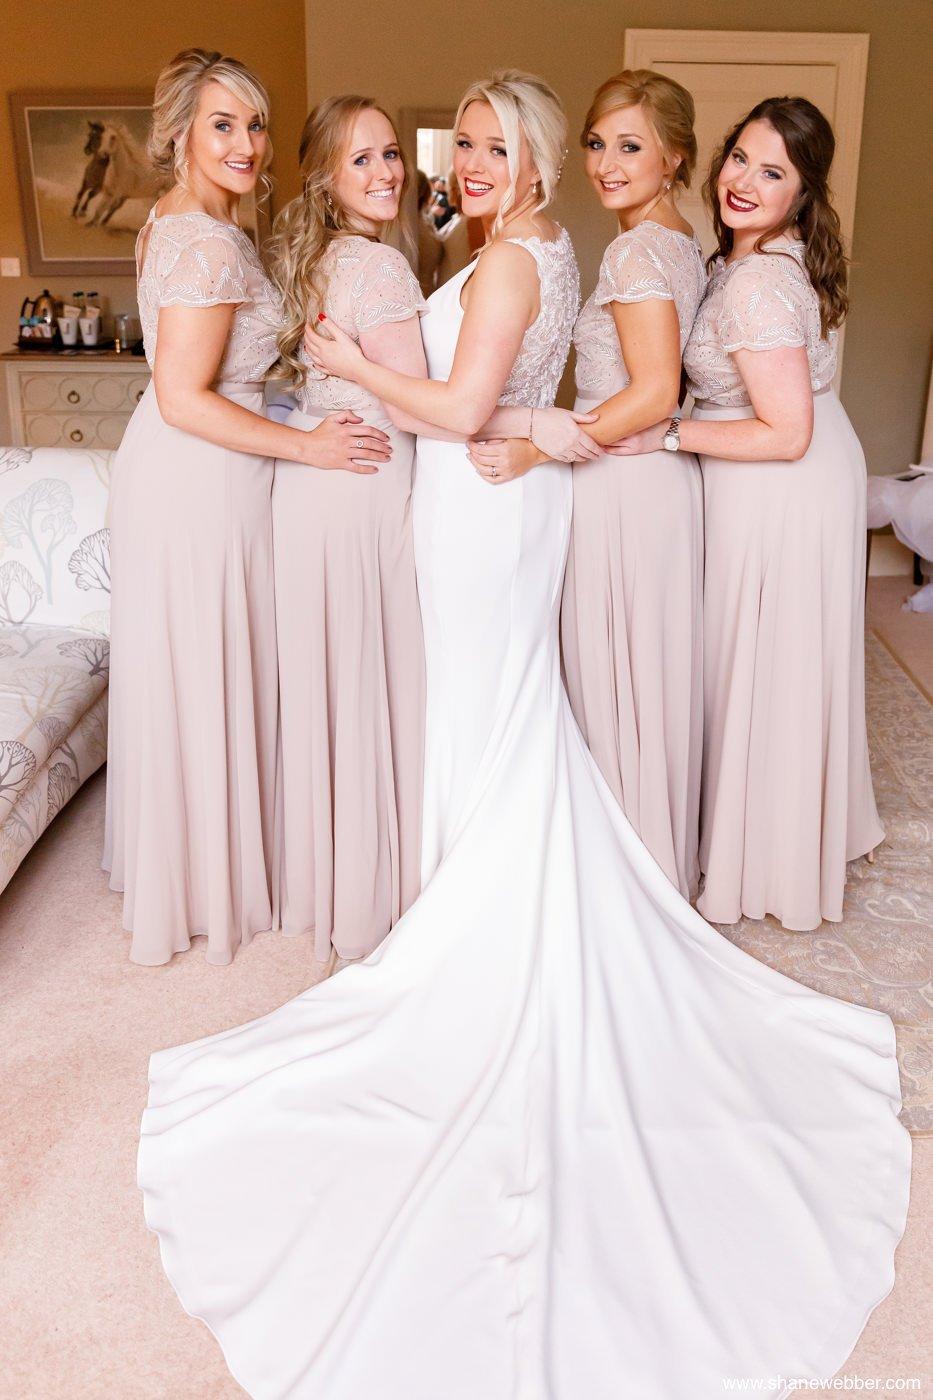 abbeywood estate bridal room